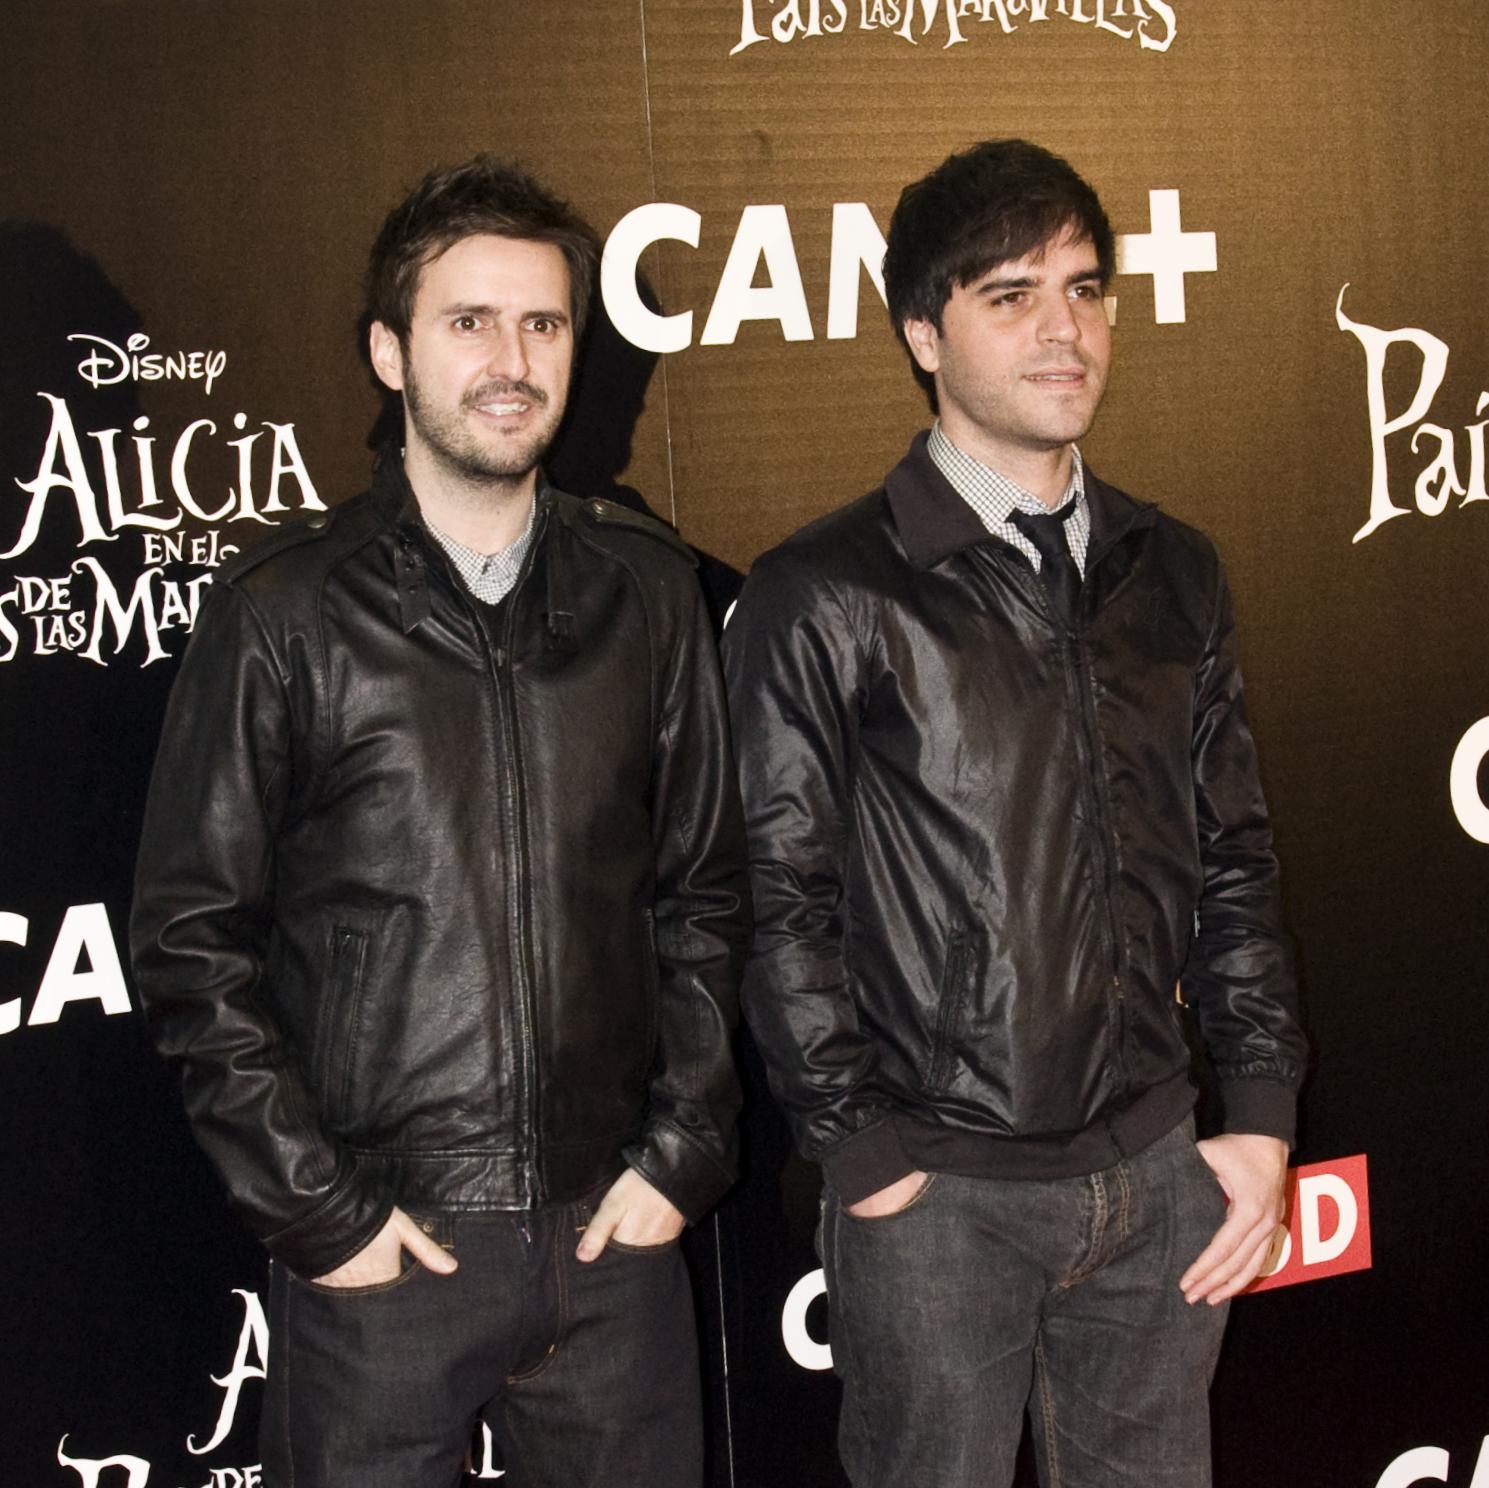 ¿Cuánto mide Julián López? - Altura - Página 7 Juli%C3%A1n_L%C3%B3pez_y_Ernesto_Sevilla